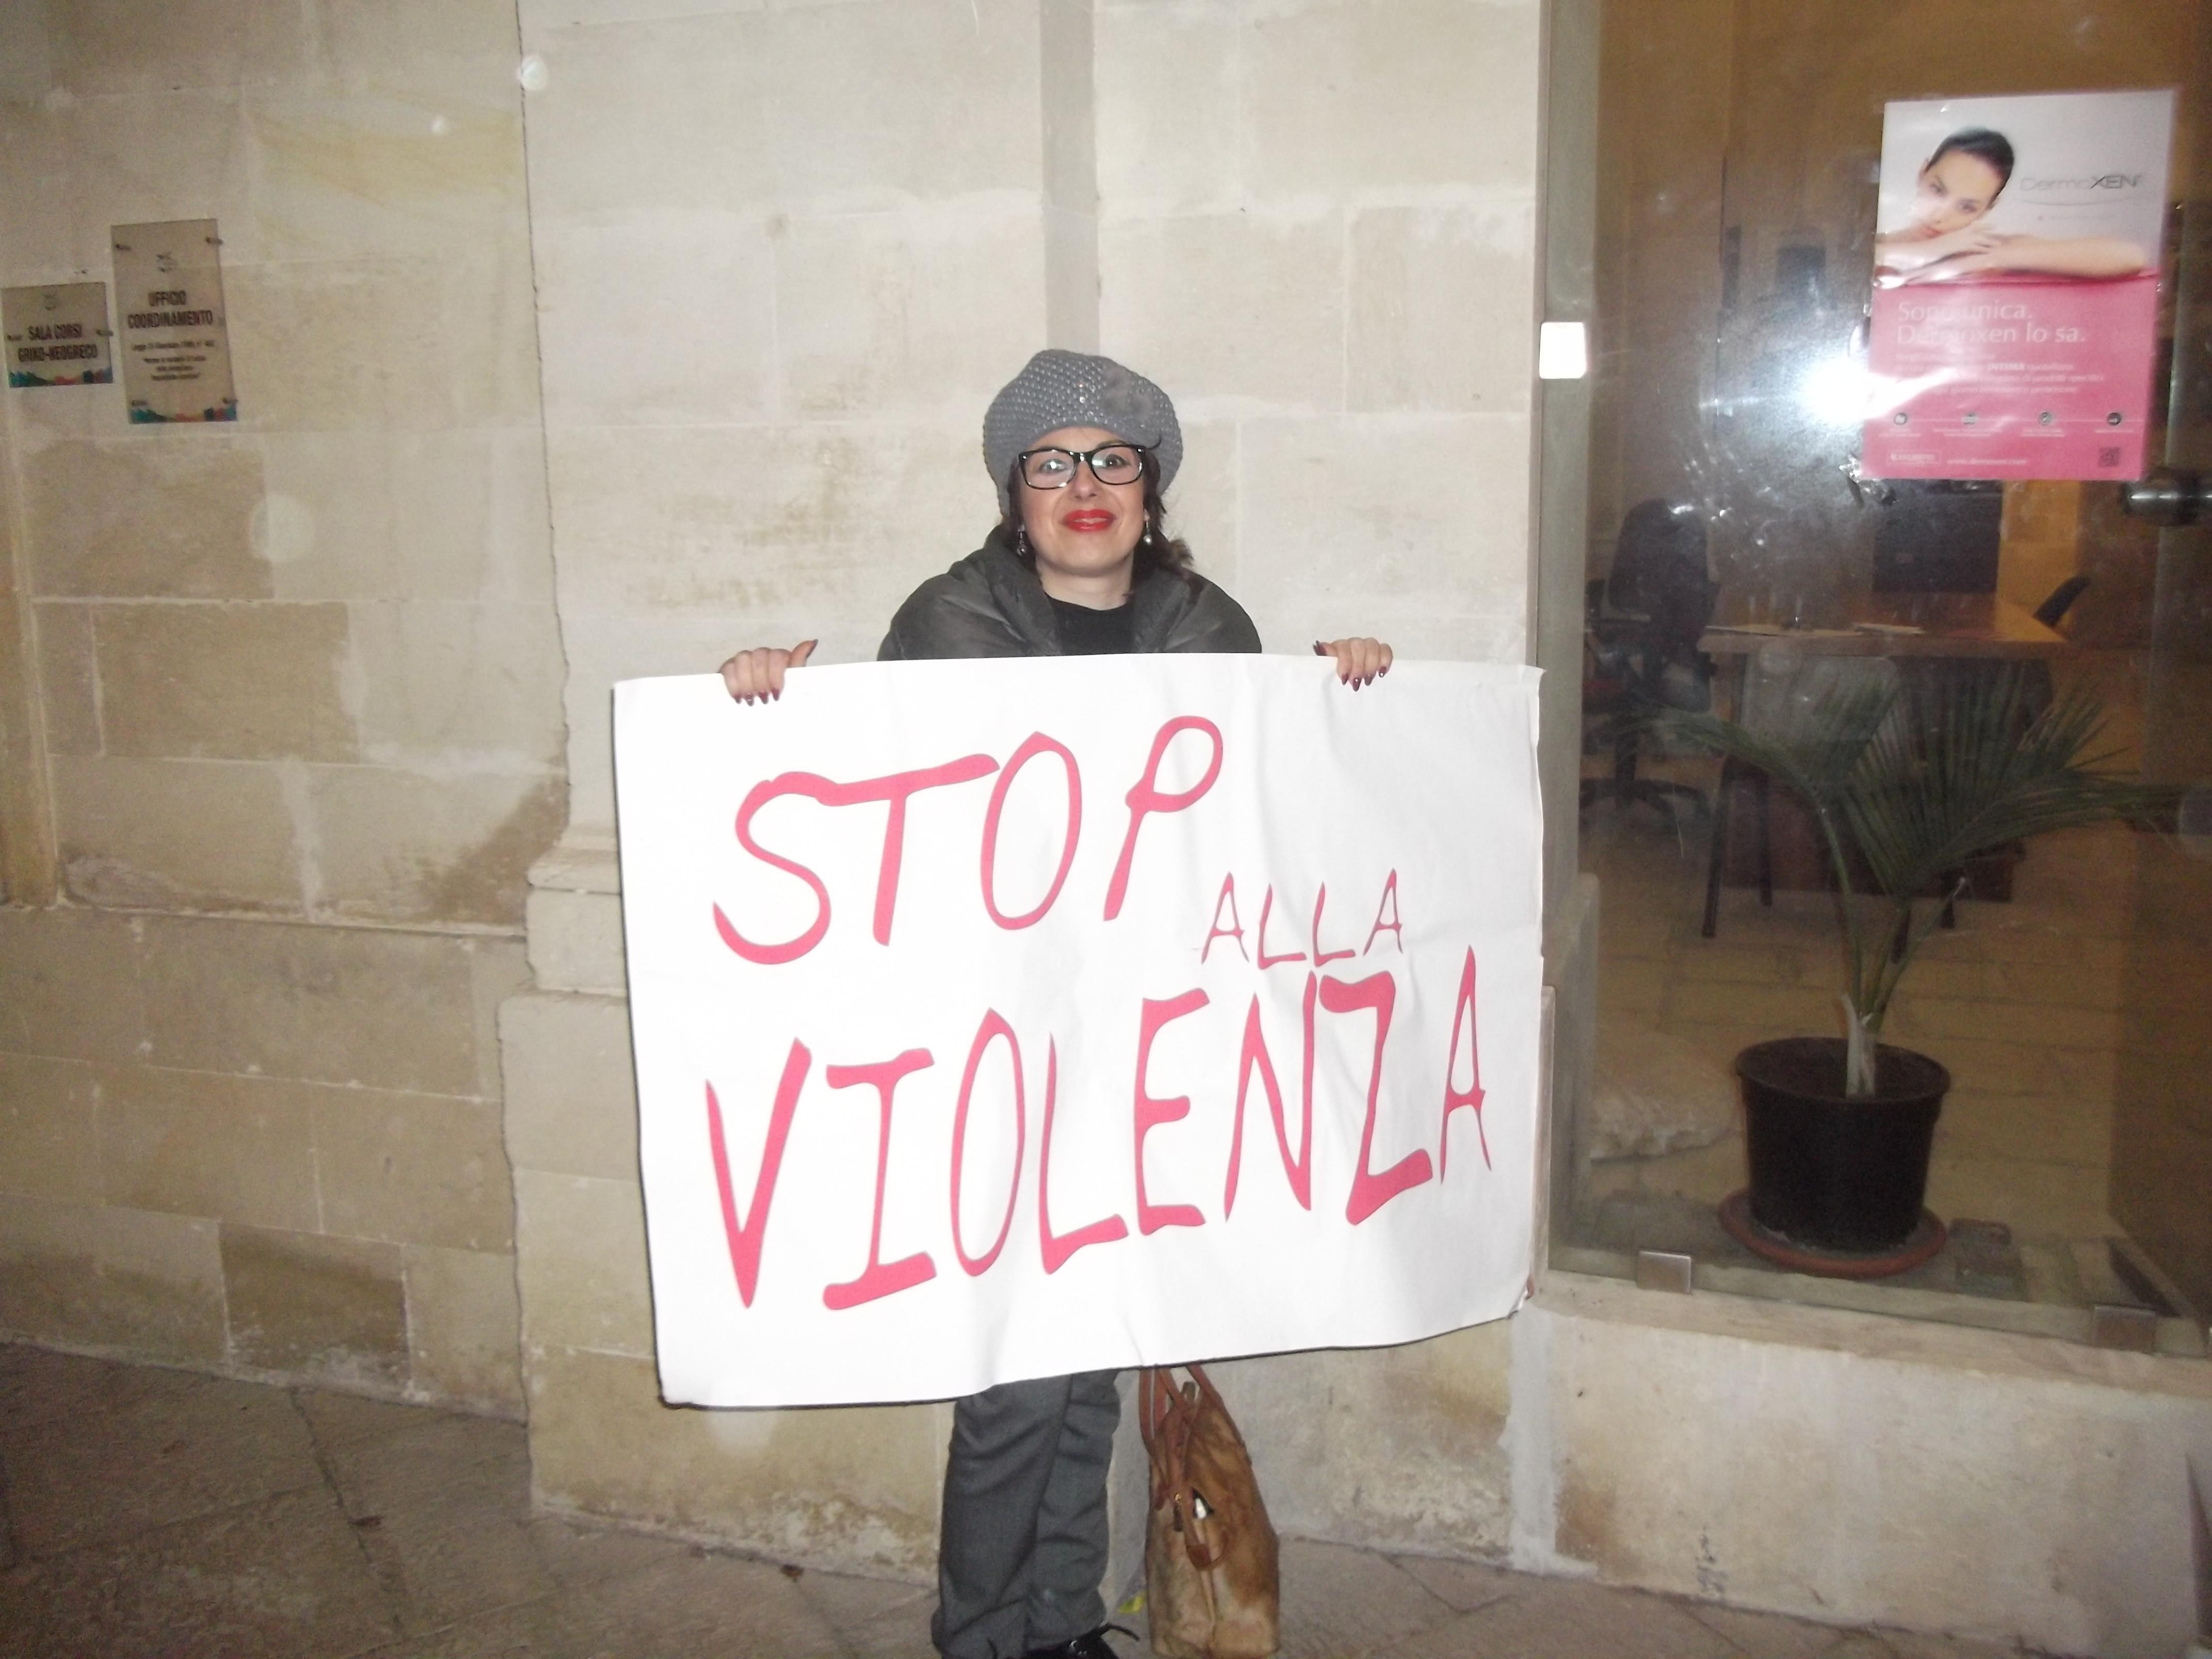 Giornata contro la violenza alle donne.